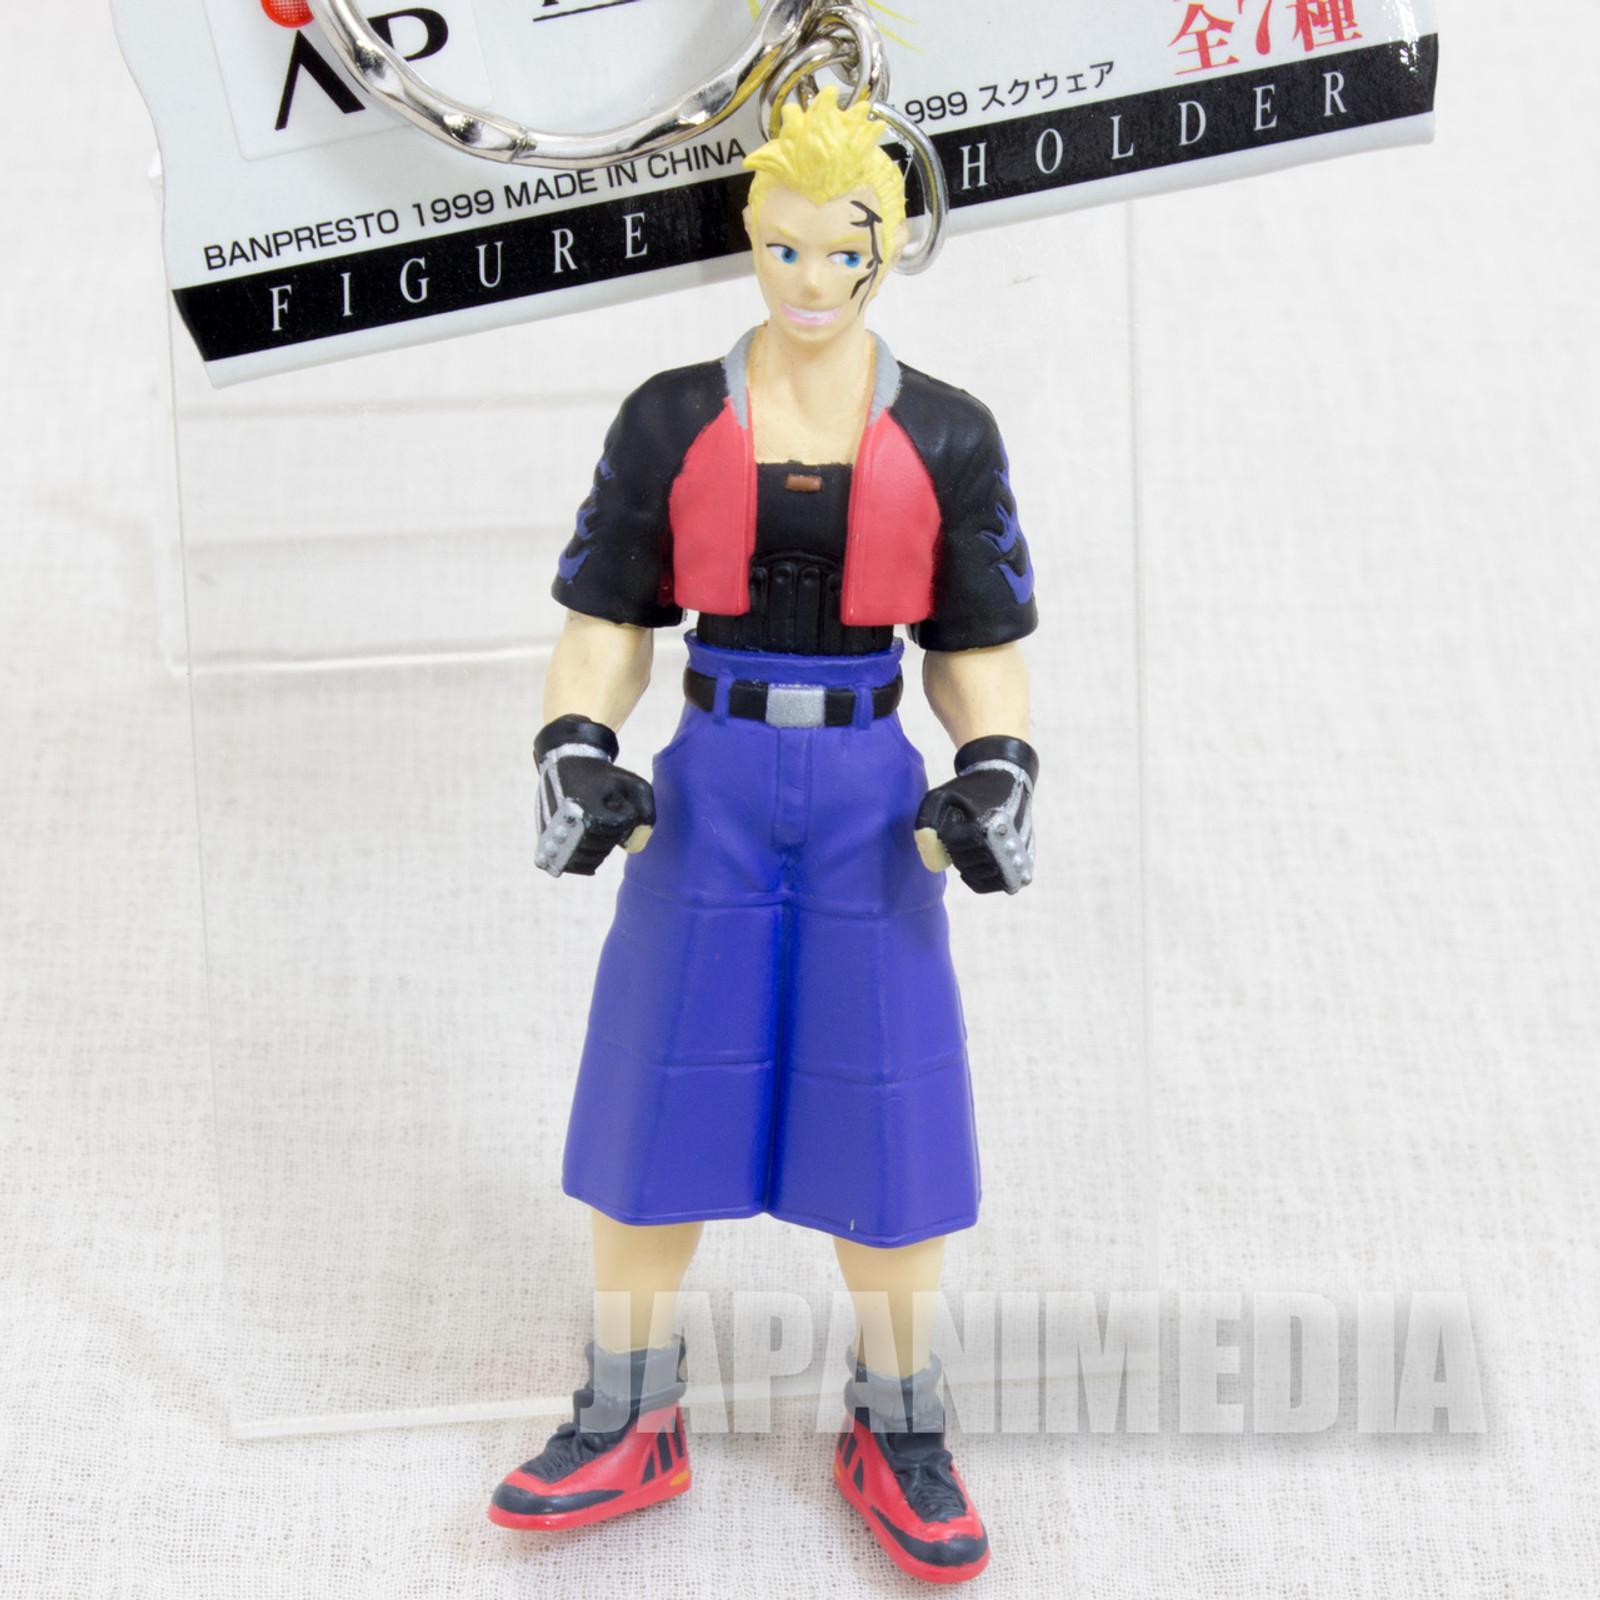 Final Fantasy VIII 8 Zell Dincht Figure Key Chain Banpresto JAPAN SUARE ENIX